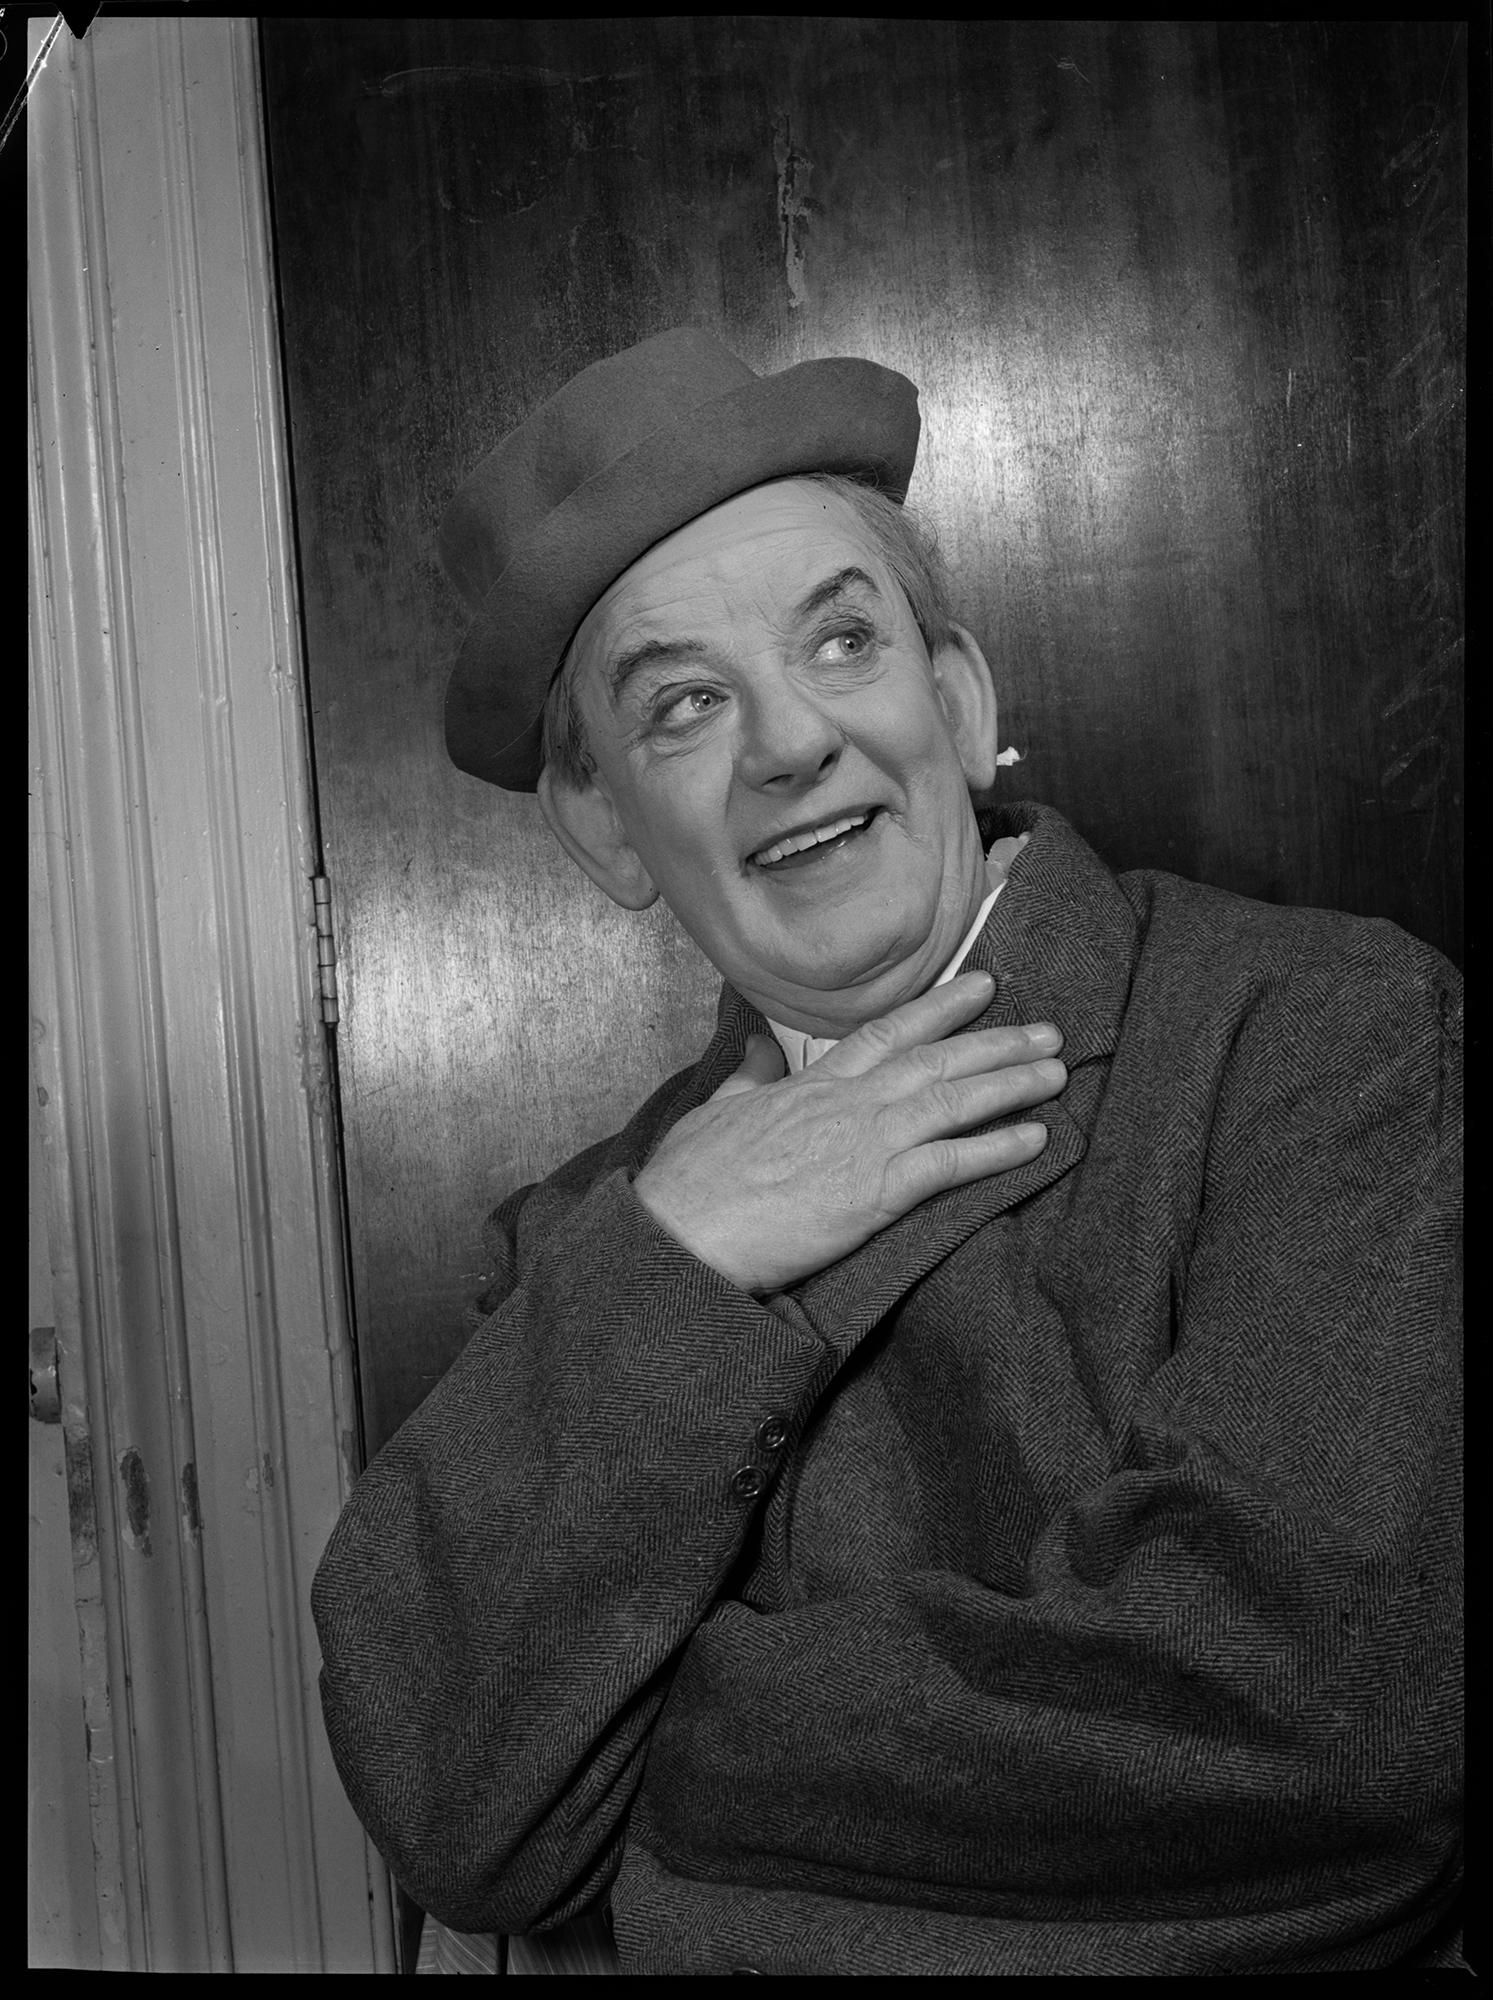 Jim Gerald, Melbourne, 2 June 1951, by Gordon F. De Lisle